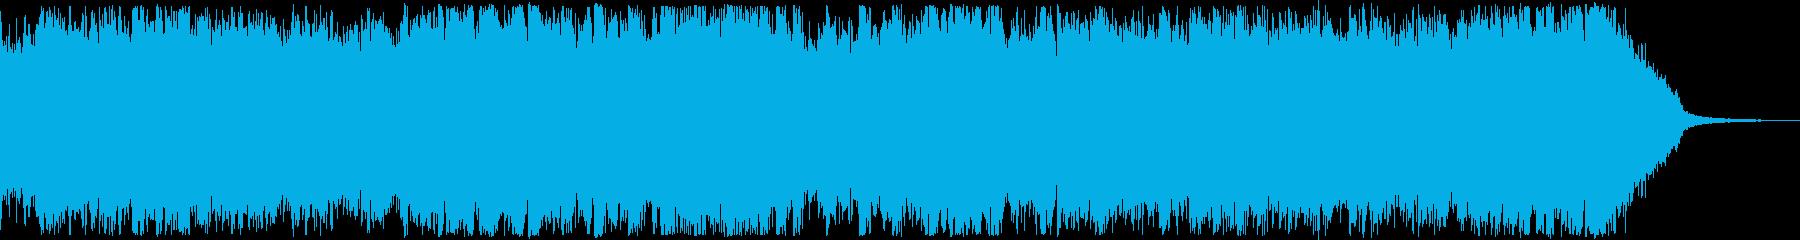 オープニング・おしゃれフューチャーベースの再生済みの波形